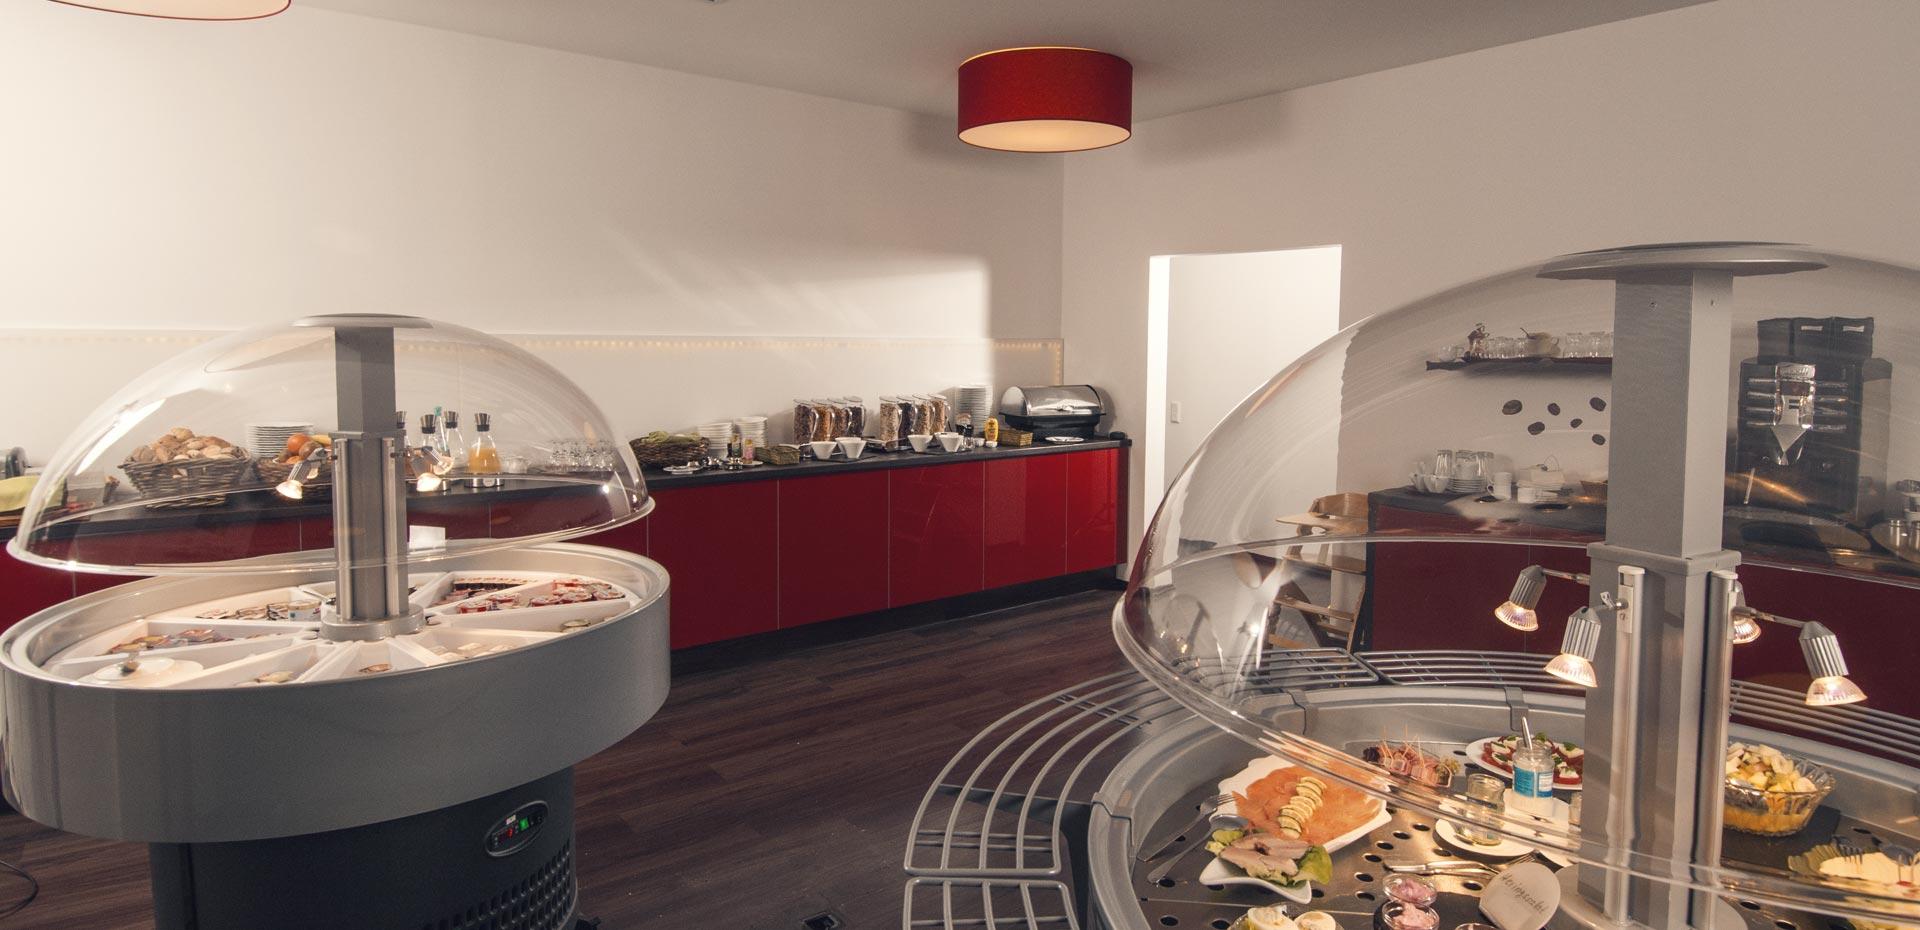 Frühstücksbuffet im Hotel Frechener Hof